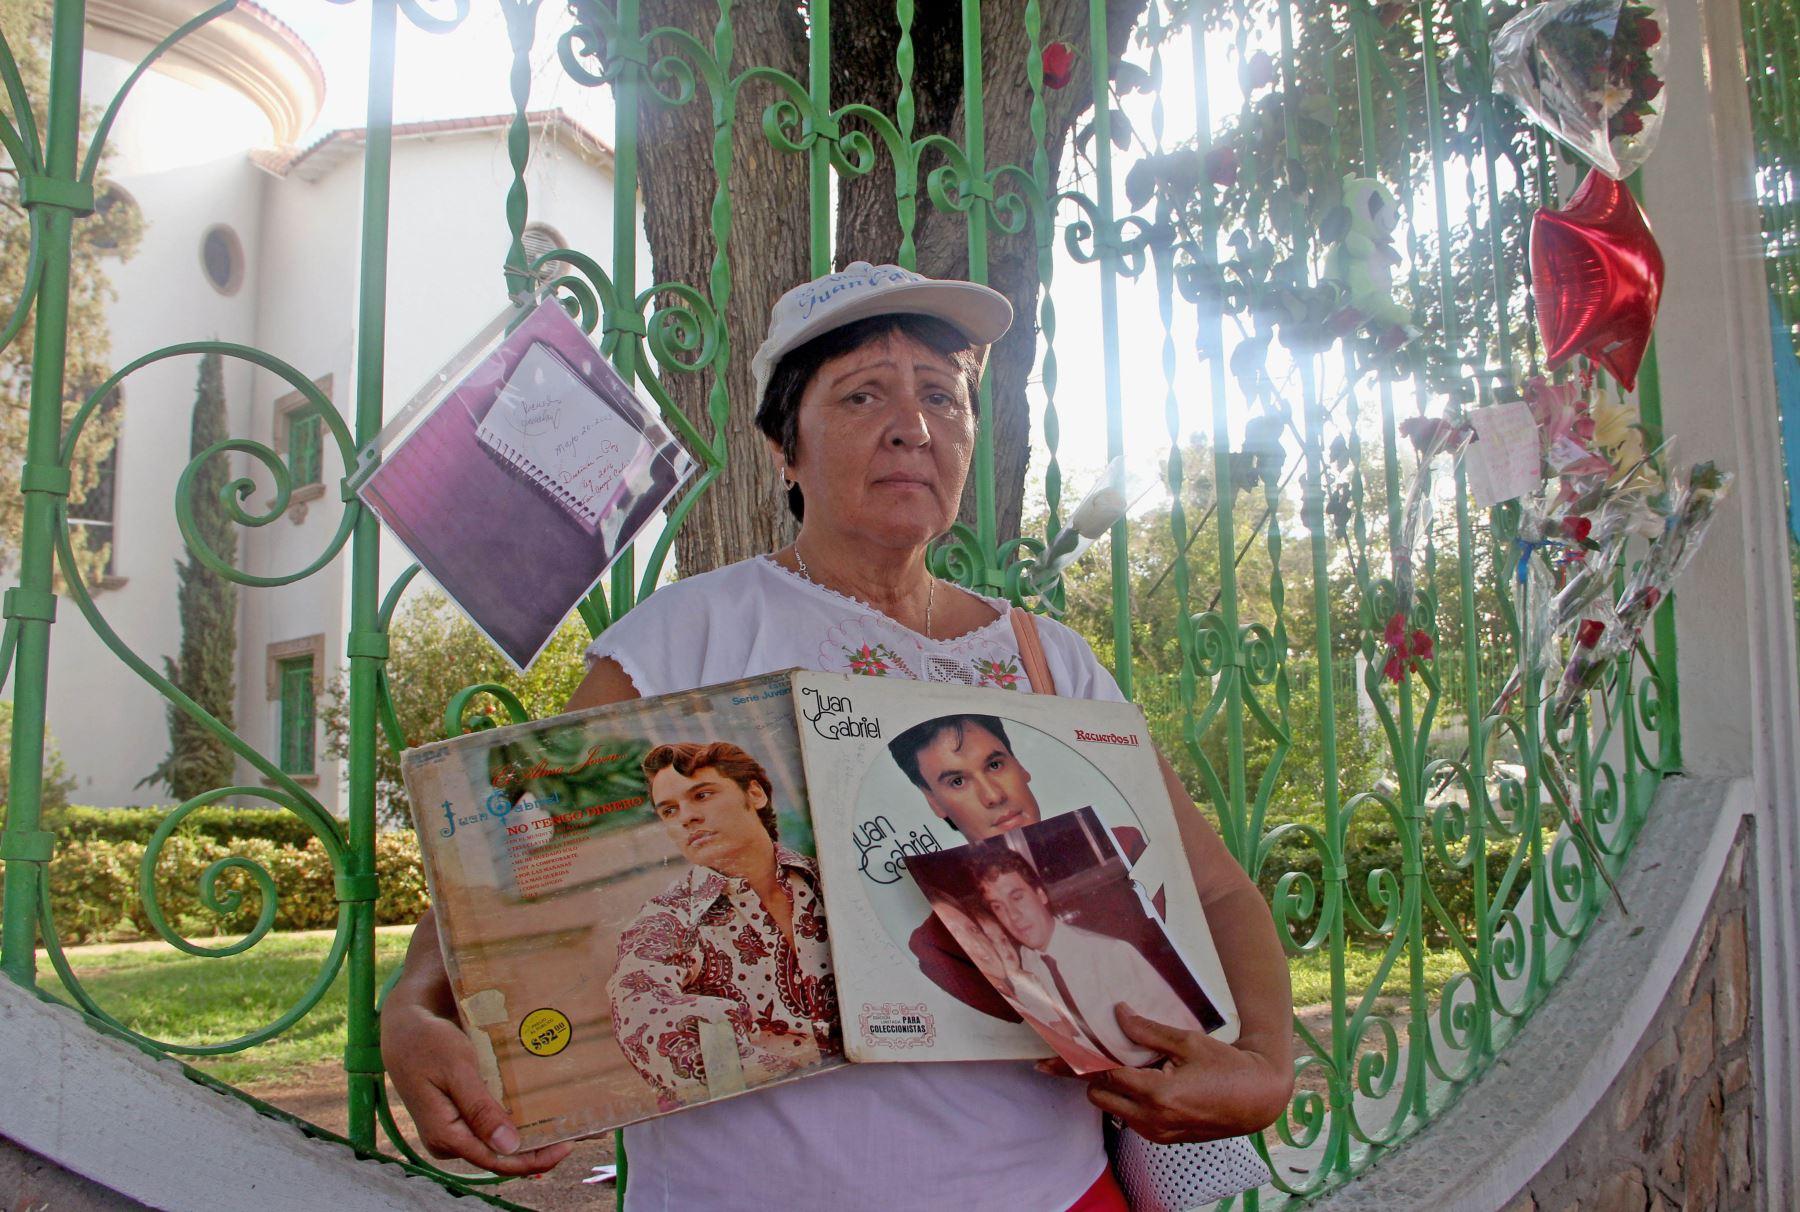 Una mujer posa con sus álbumes del cantante mexicano Juan Gabriel en el frente de su casa, en Ciudad Juárez, México. Foto: AFP